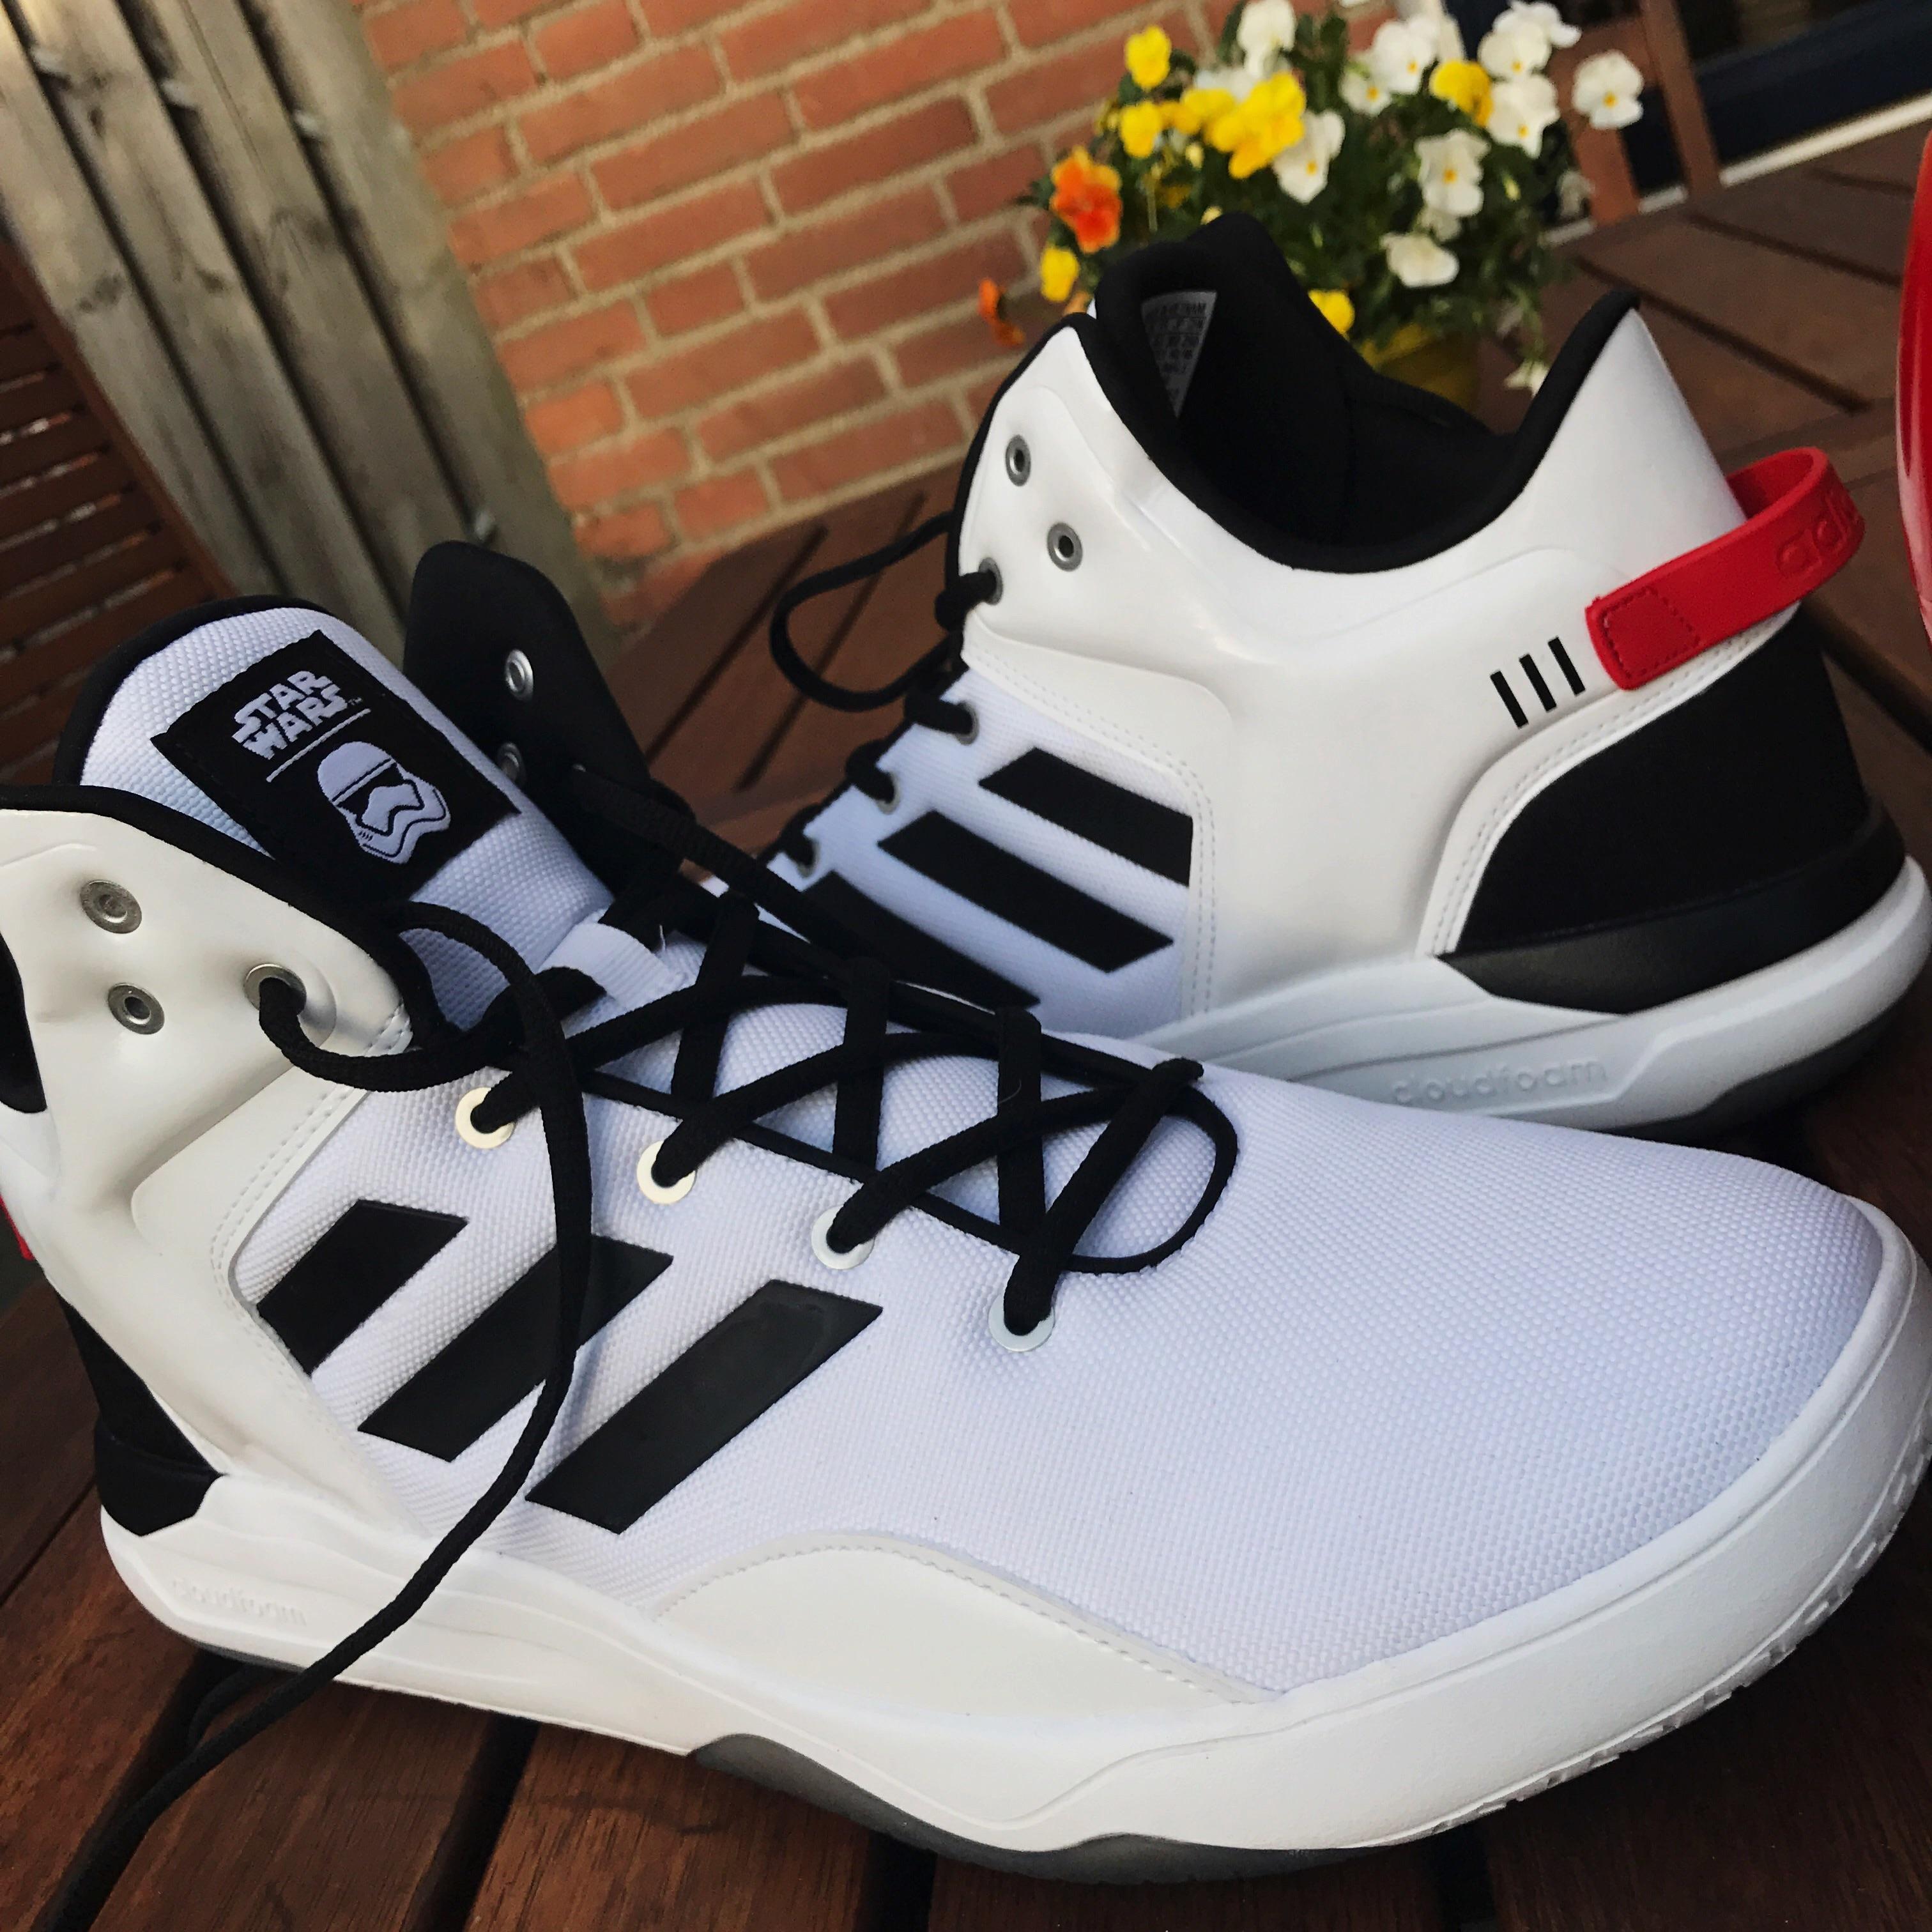 [Pickup] Storm Trooper - Adidas Cloudfoam Revival Mids. Storm TroopersNike  SneakersAdidasStar WarsNike ...